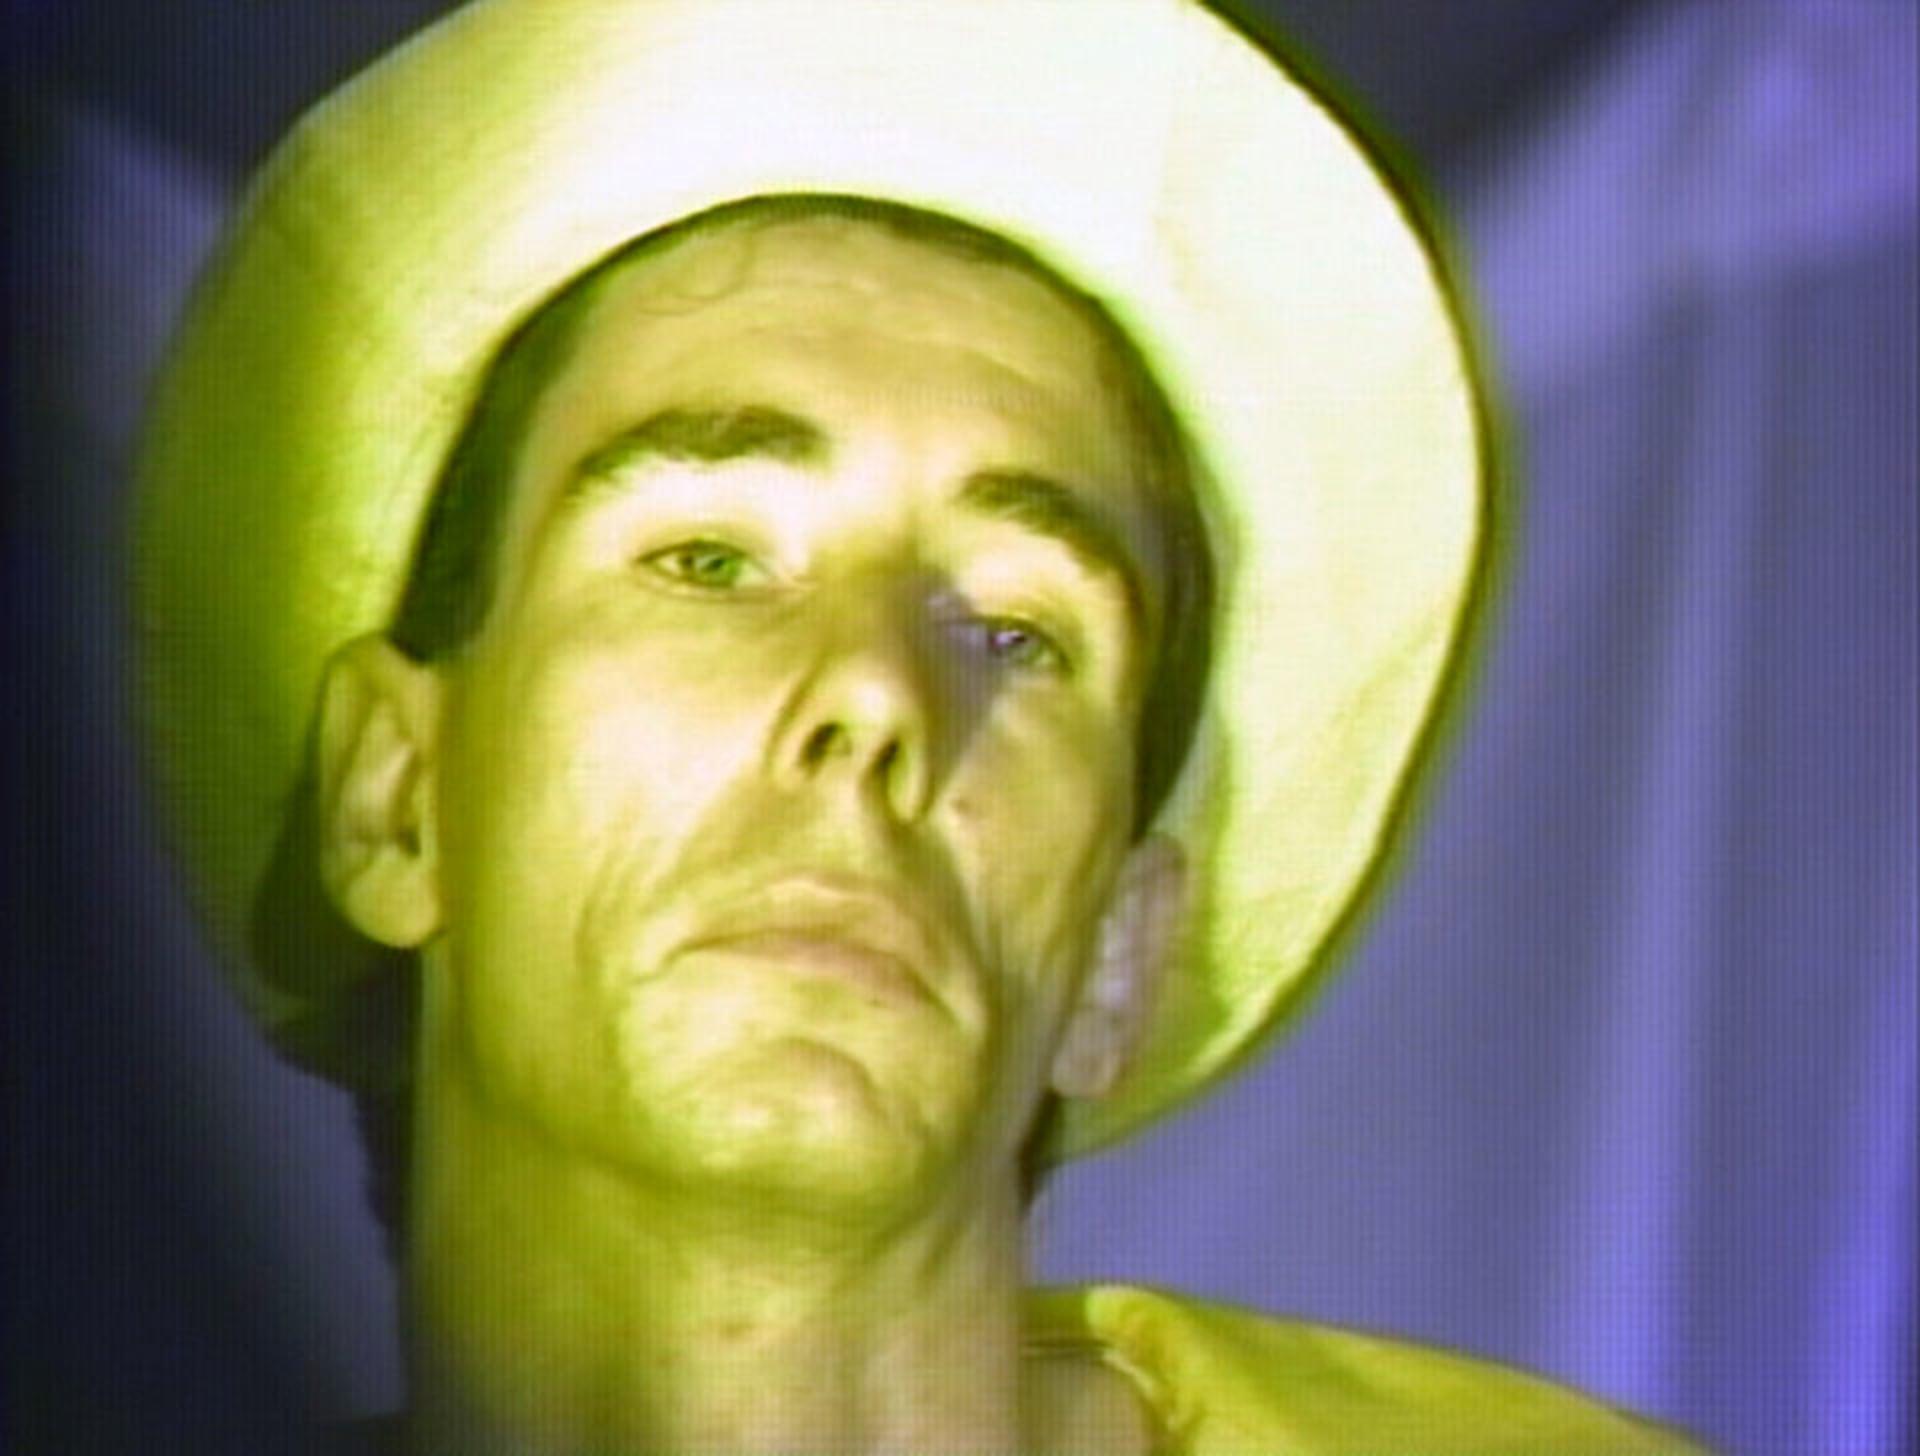 The Banana Man_Farolito